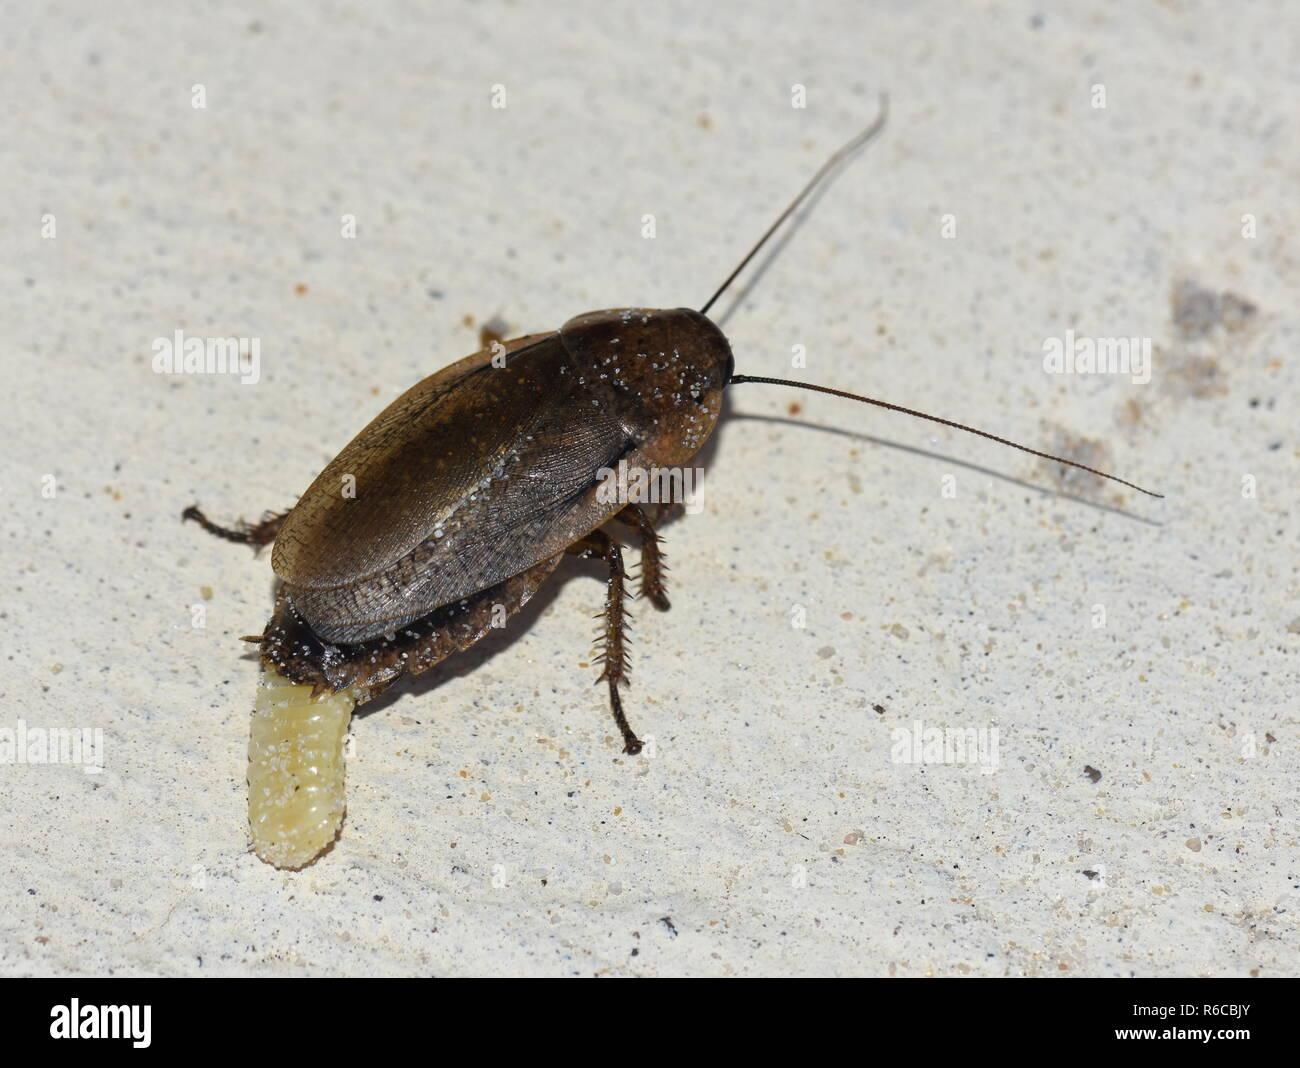 Weibliche Kakerlake Festlegung einer ootheca Ei Fall Stockbild